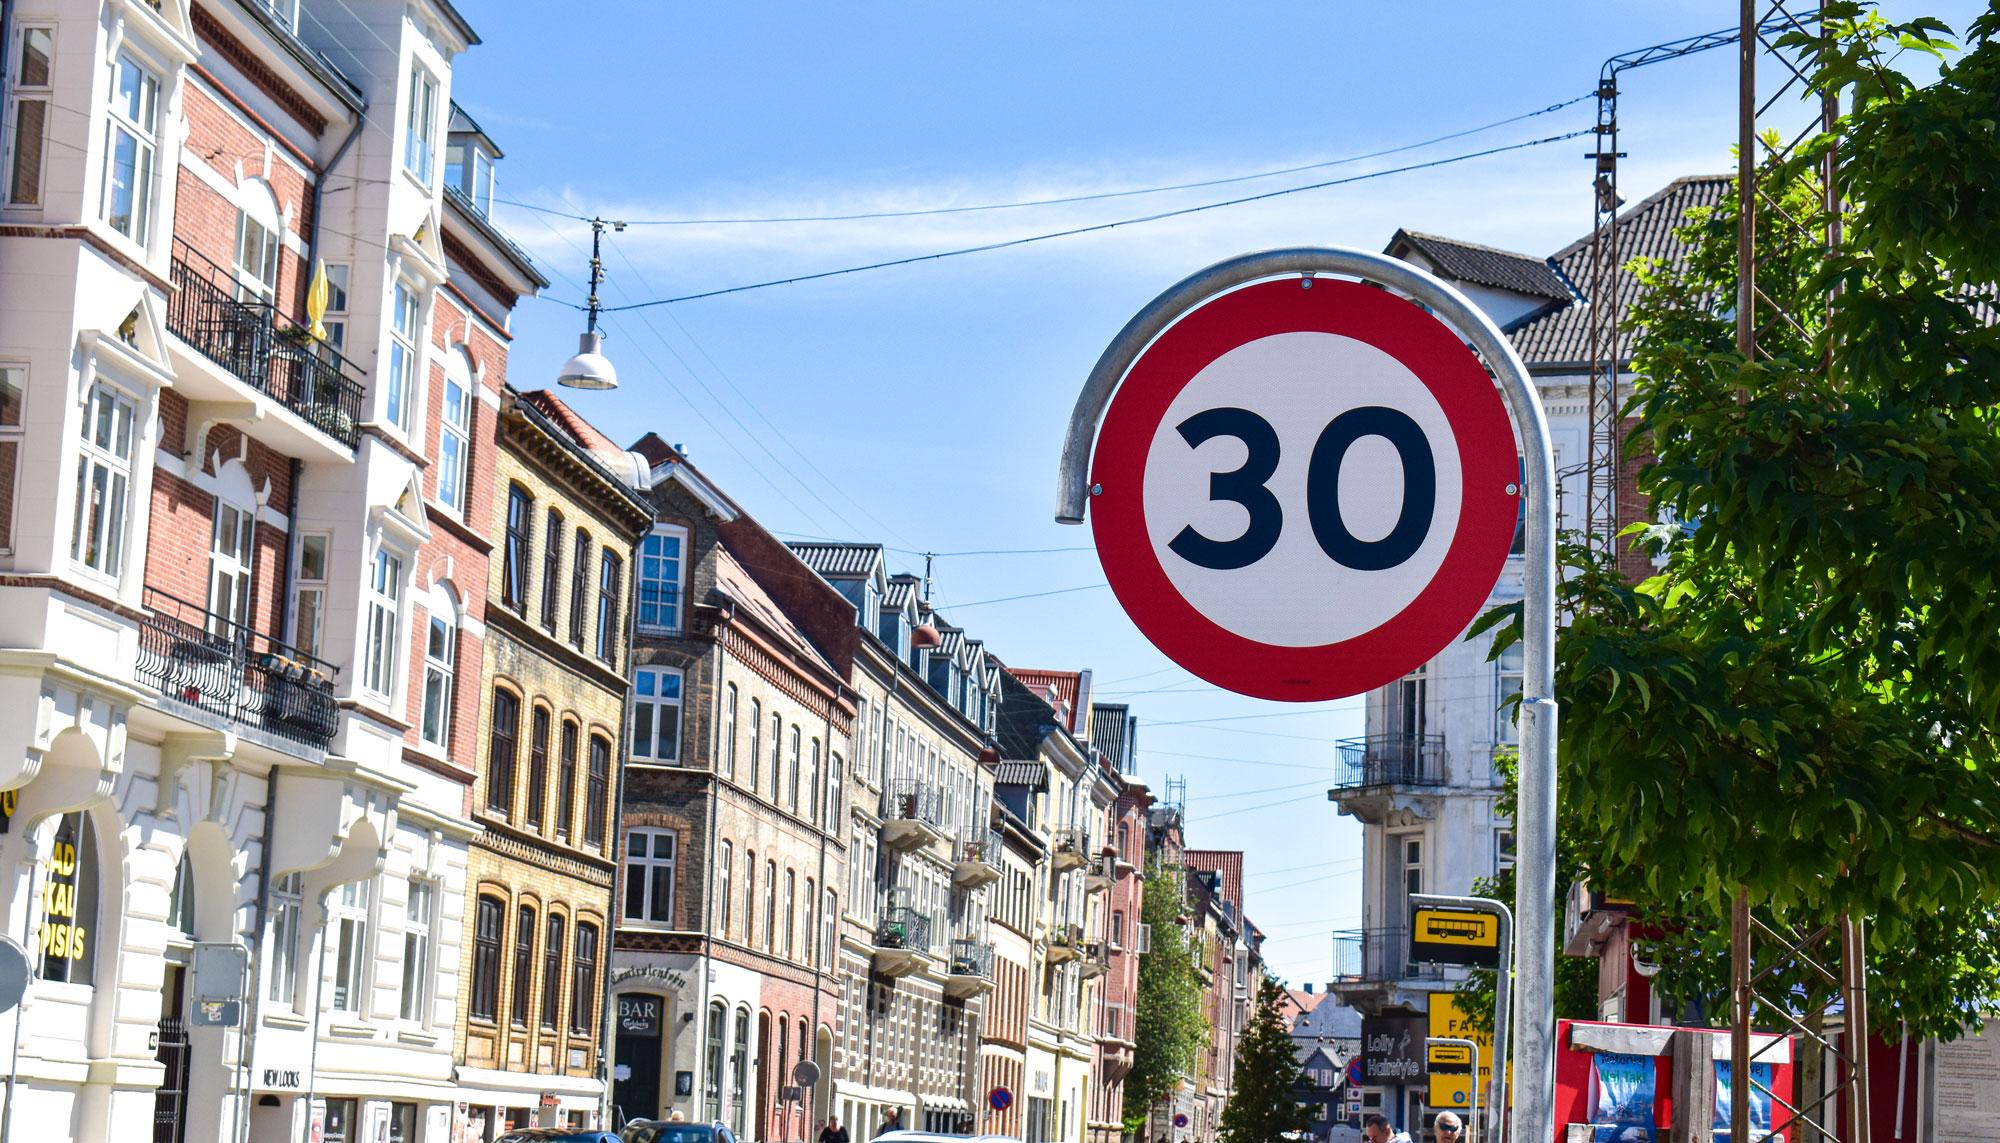 Væsentlig ændring: Her kan det blive rigtig dyrt at køre 50 km/t midt i Aalborg